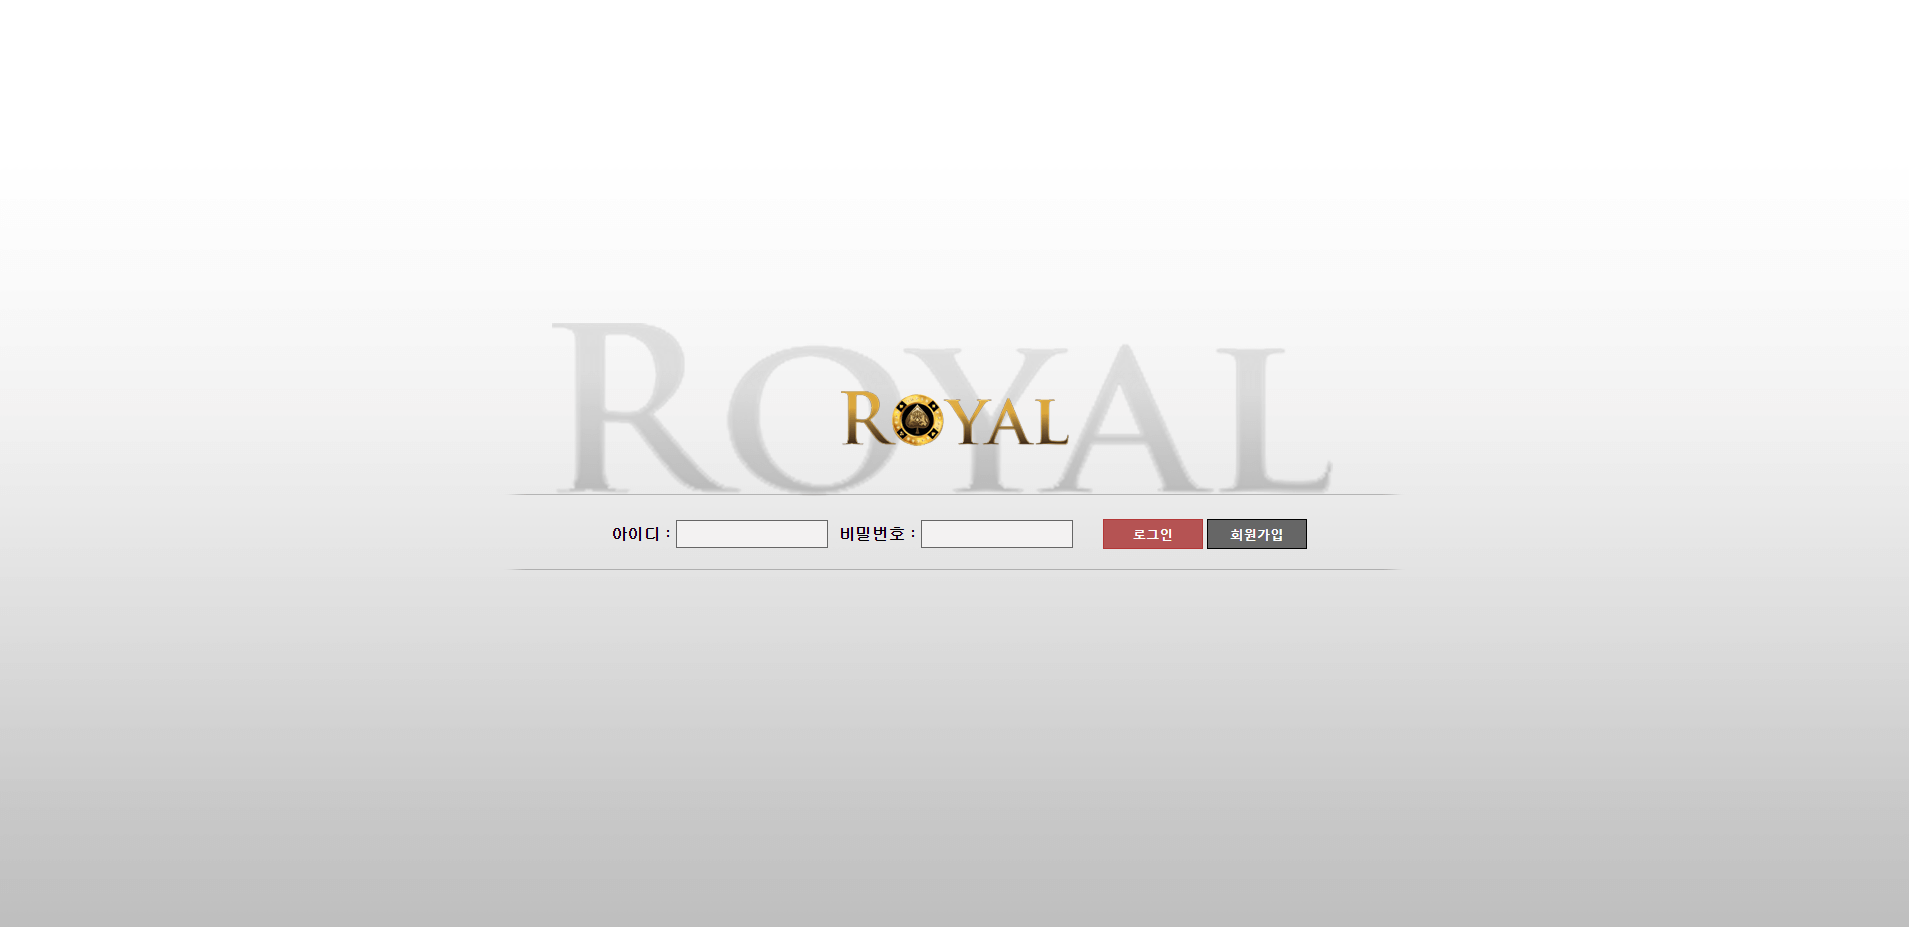 [먹튀사이트]ROYAL먹튀 로얄먹튀 royal-336.com 먹튀검증 토토먹튀 토토사이트 먹튀검증업체